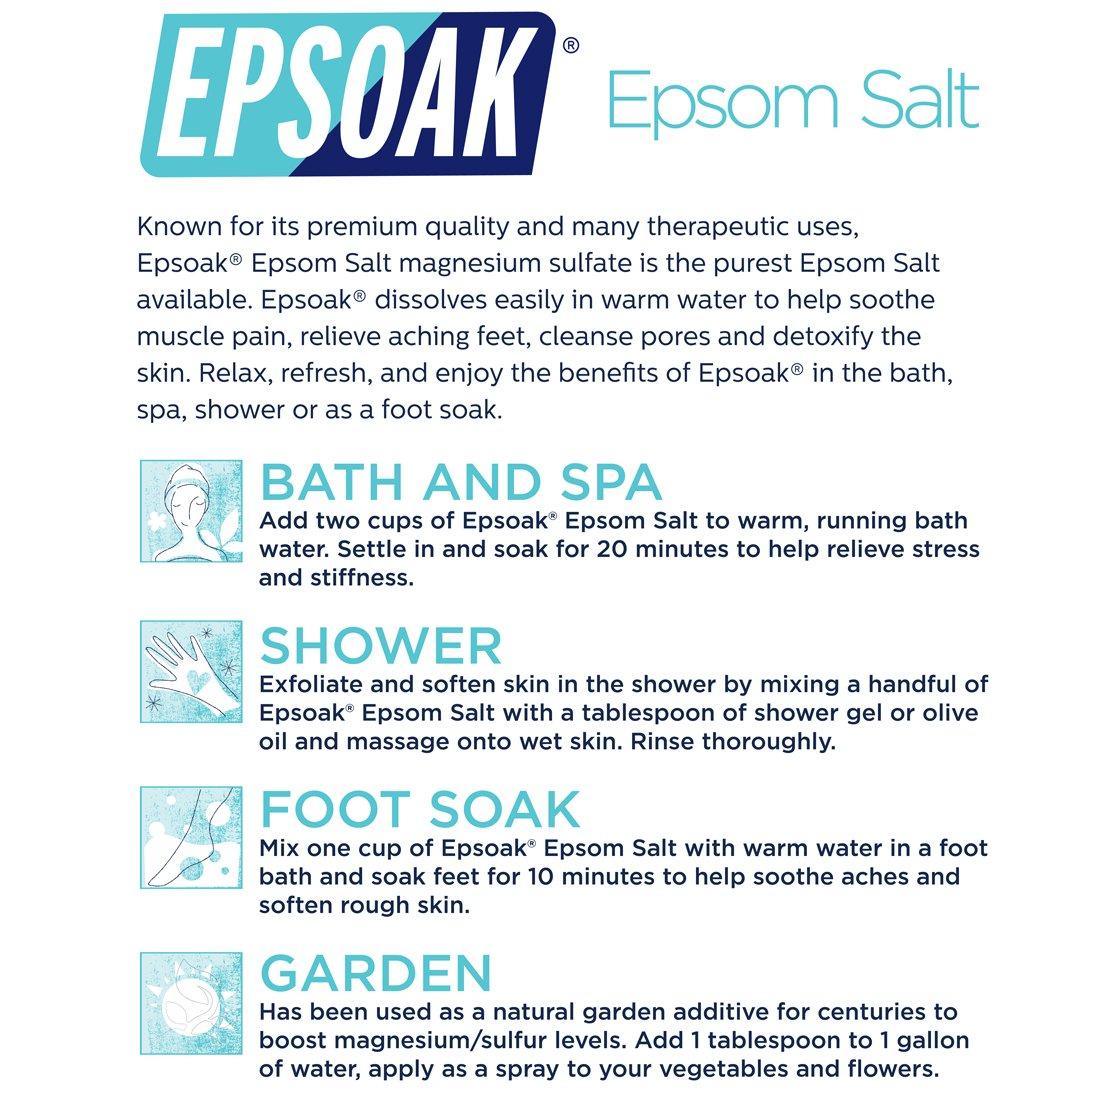 Epsoak Epsom Salt 5 lbs. Magnesium Sulfate USP by Epsoak (Image #7)